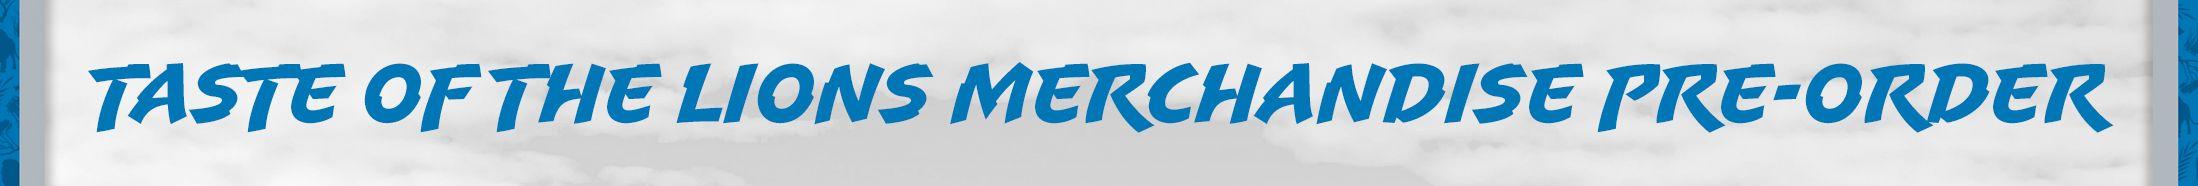 2019-merchandise-preorder-banner